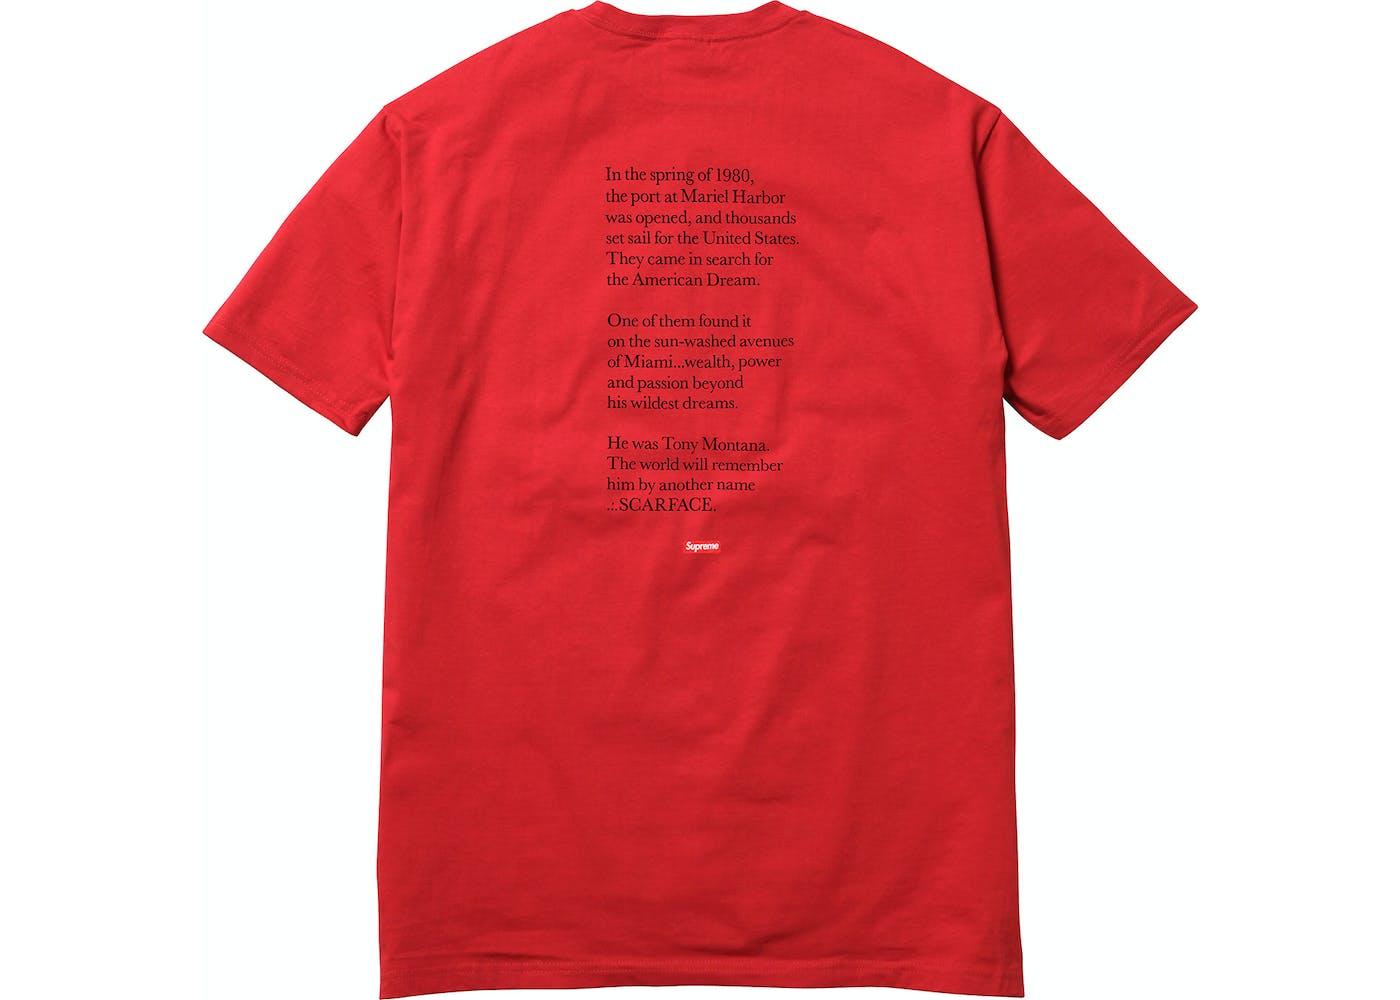 dd8ccbde38 Supreme Scarface Shirt Grailed